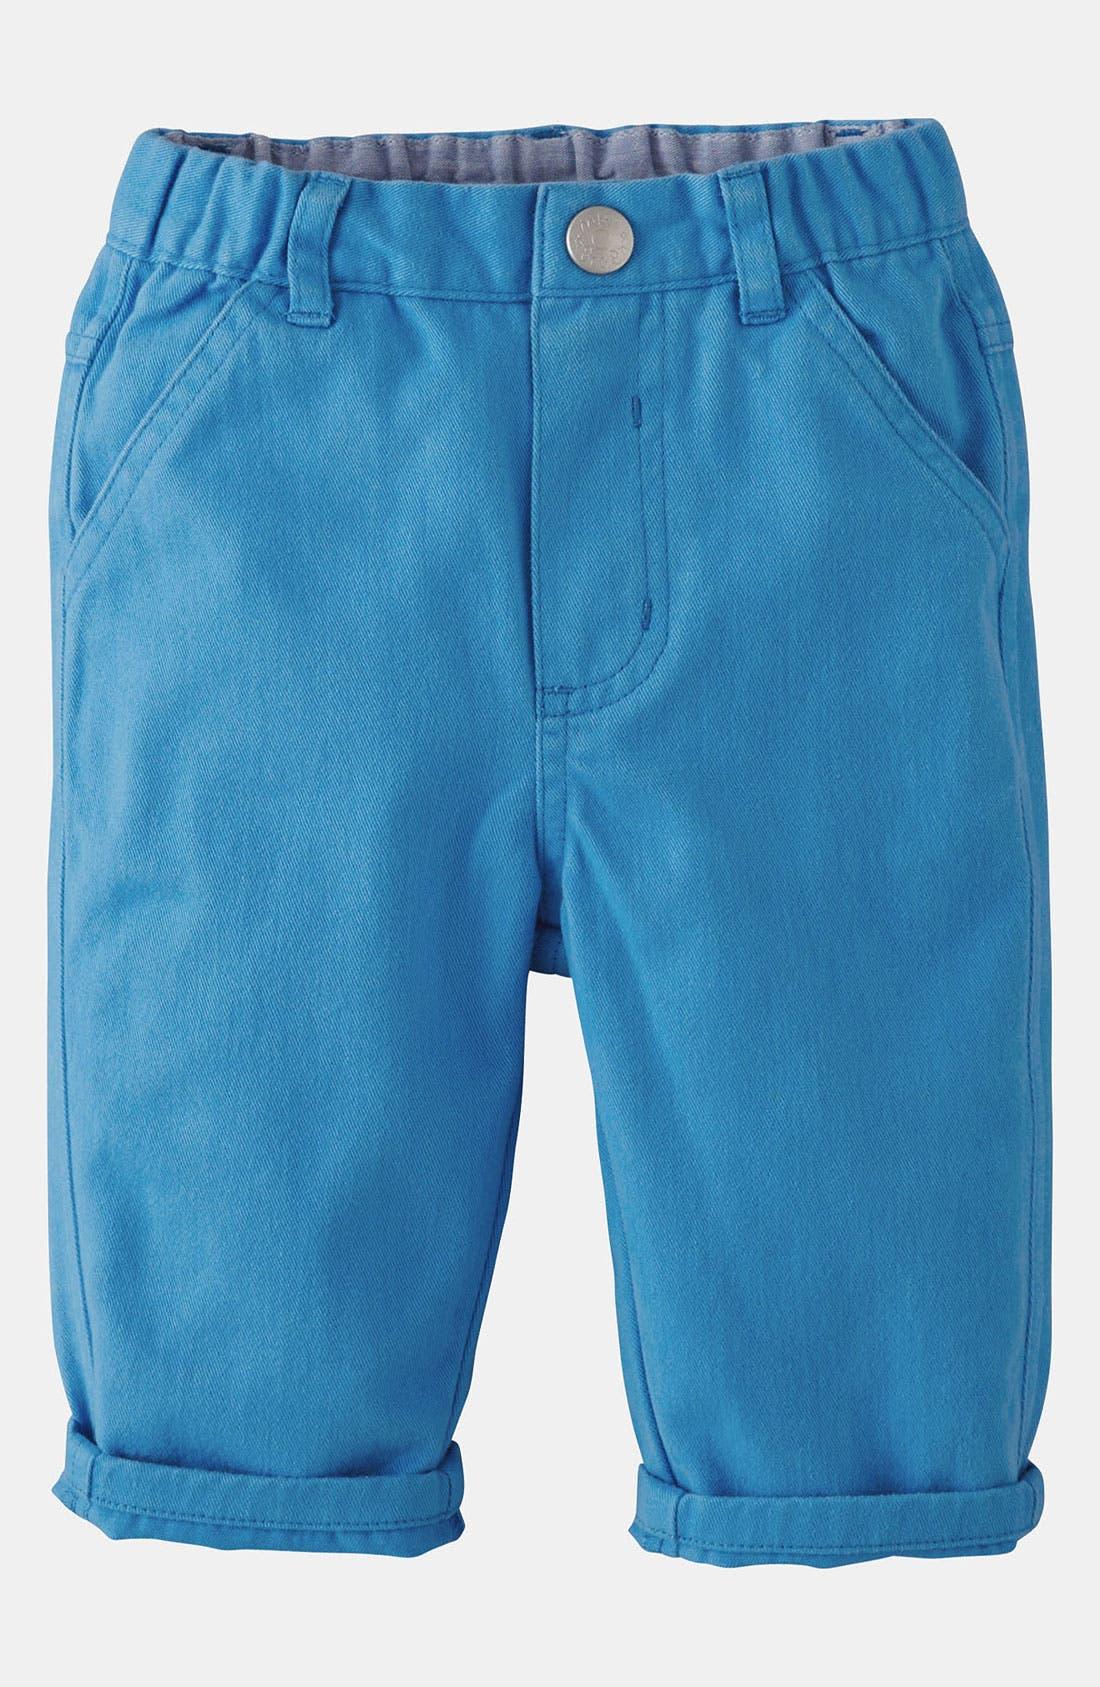 Main Image - Mini Boden 'Baby' Chino Pants (Baby)